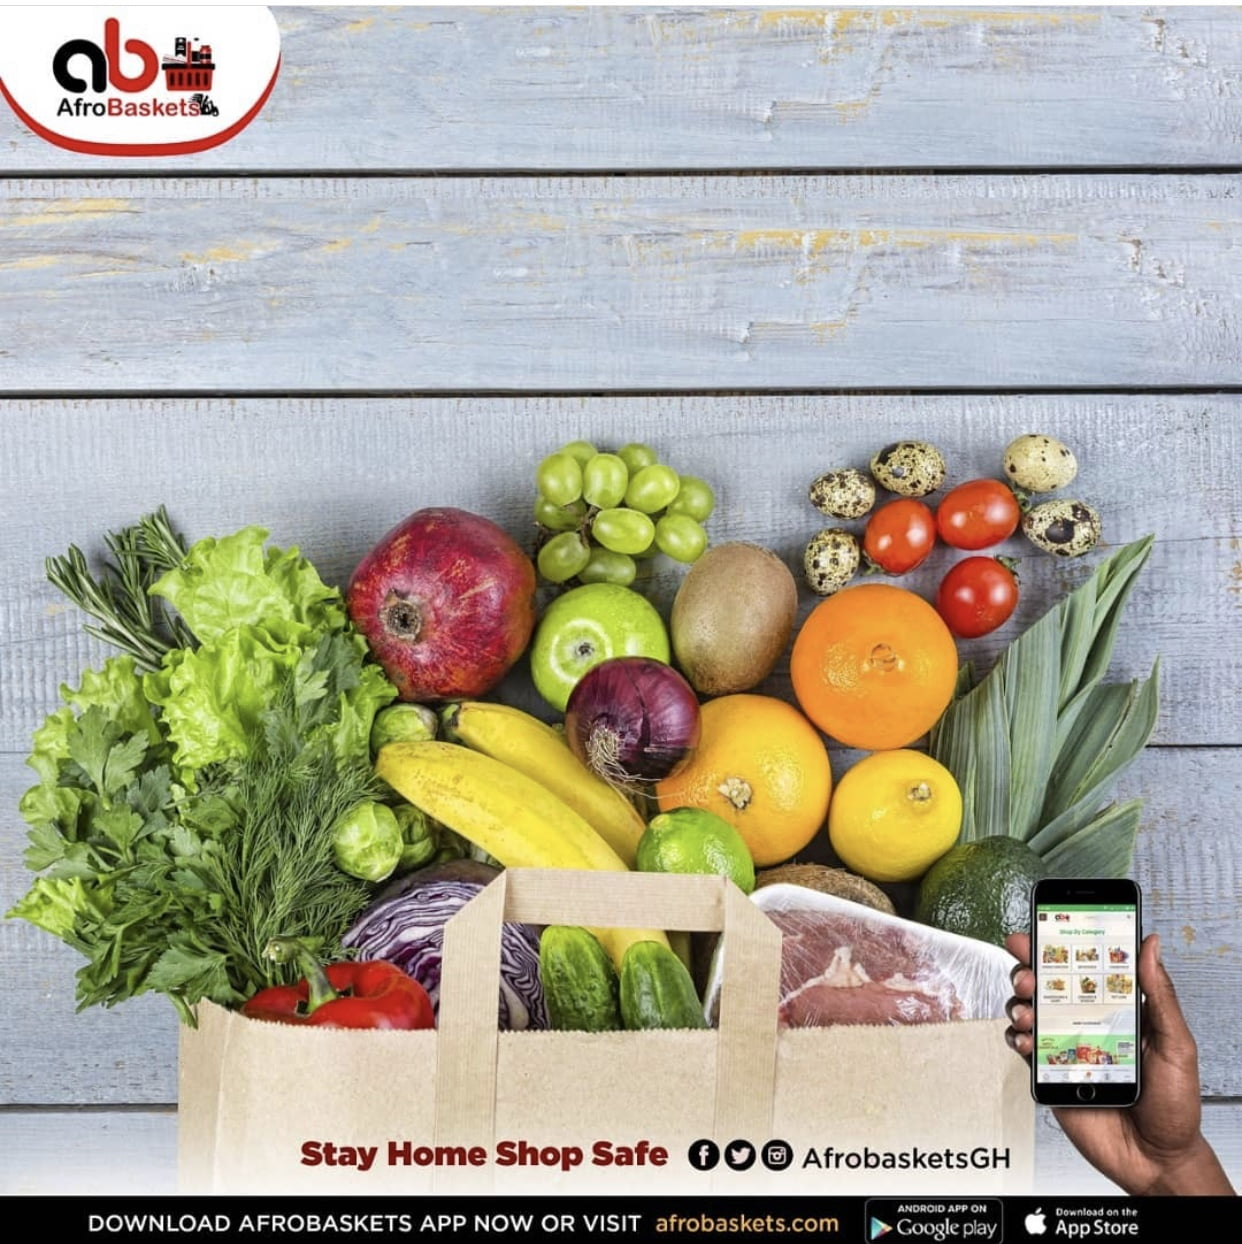 Buy Fruits & Vegetables Online - AfroBaskets